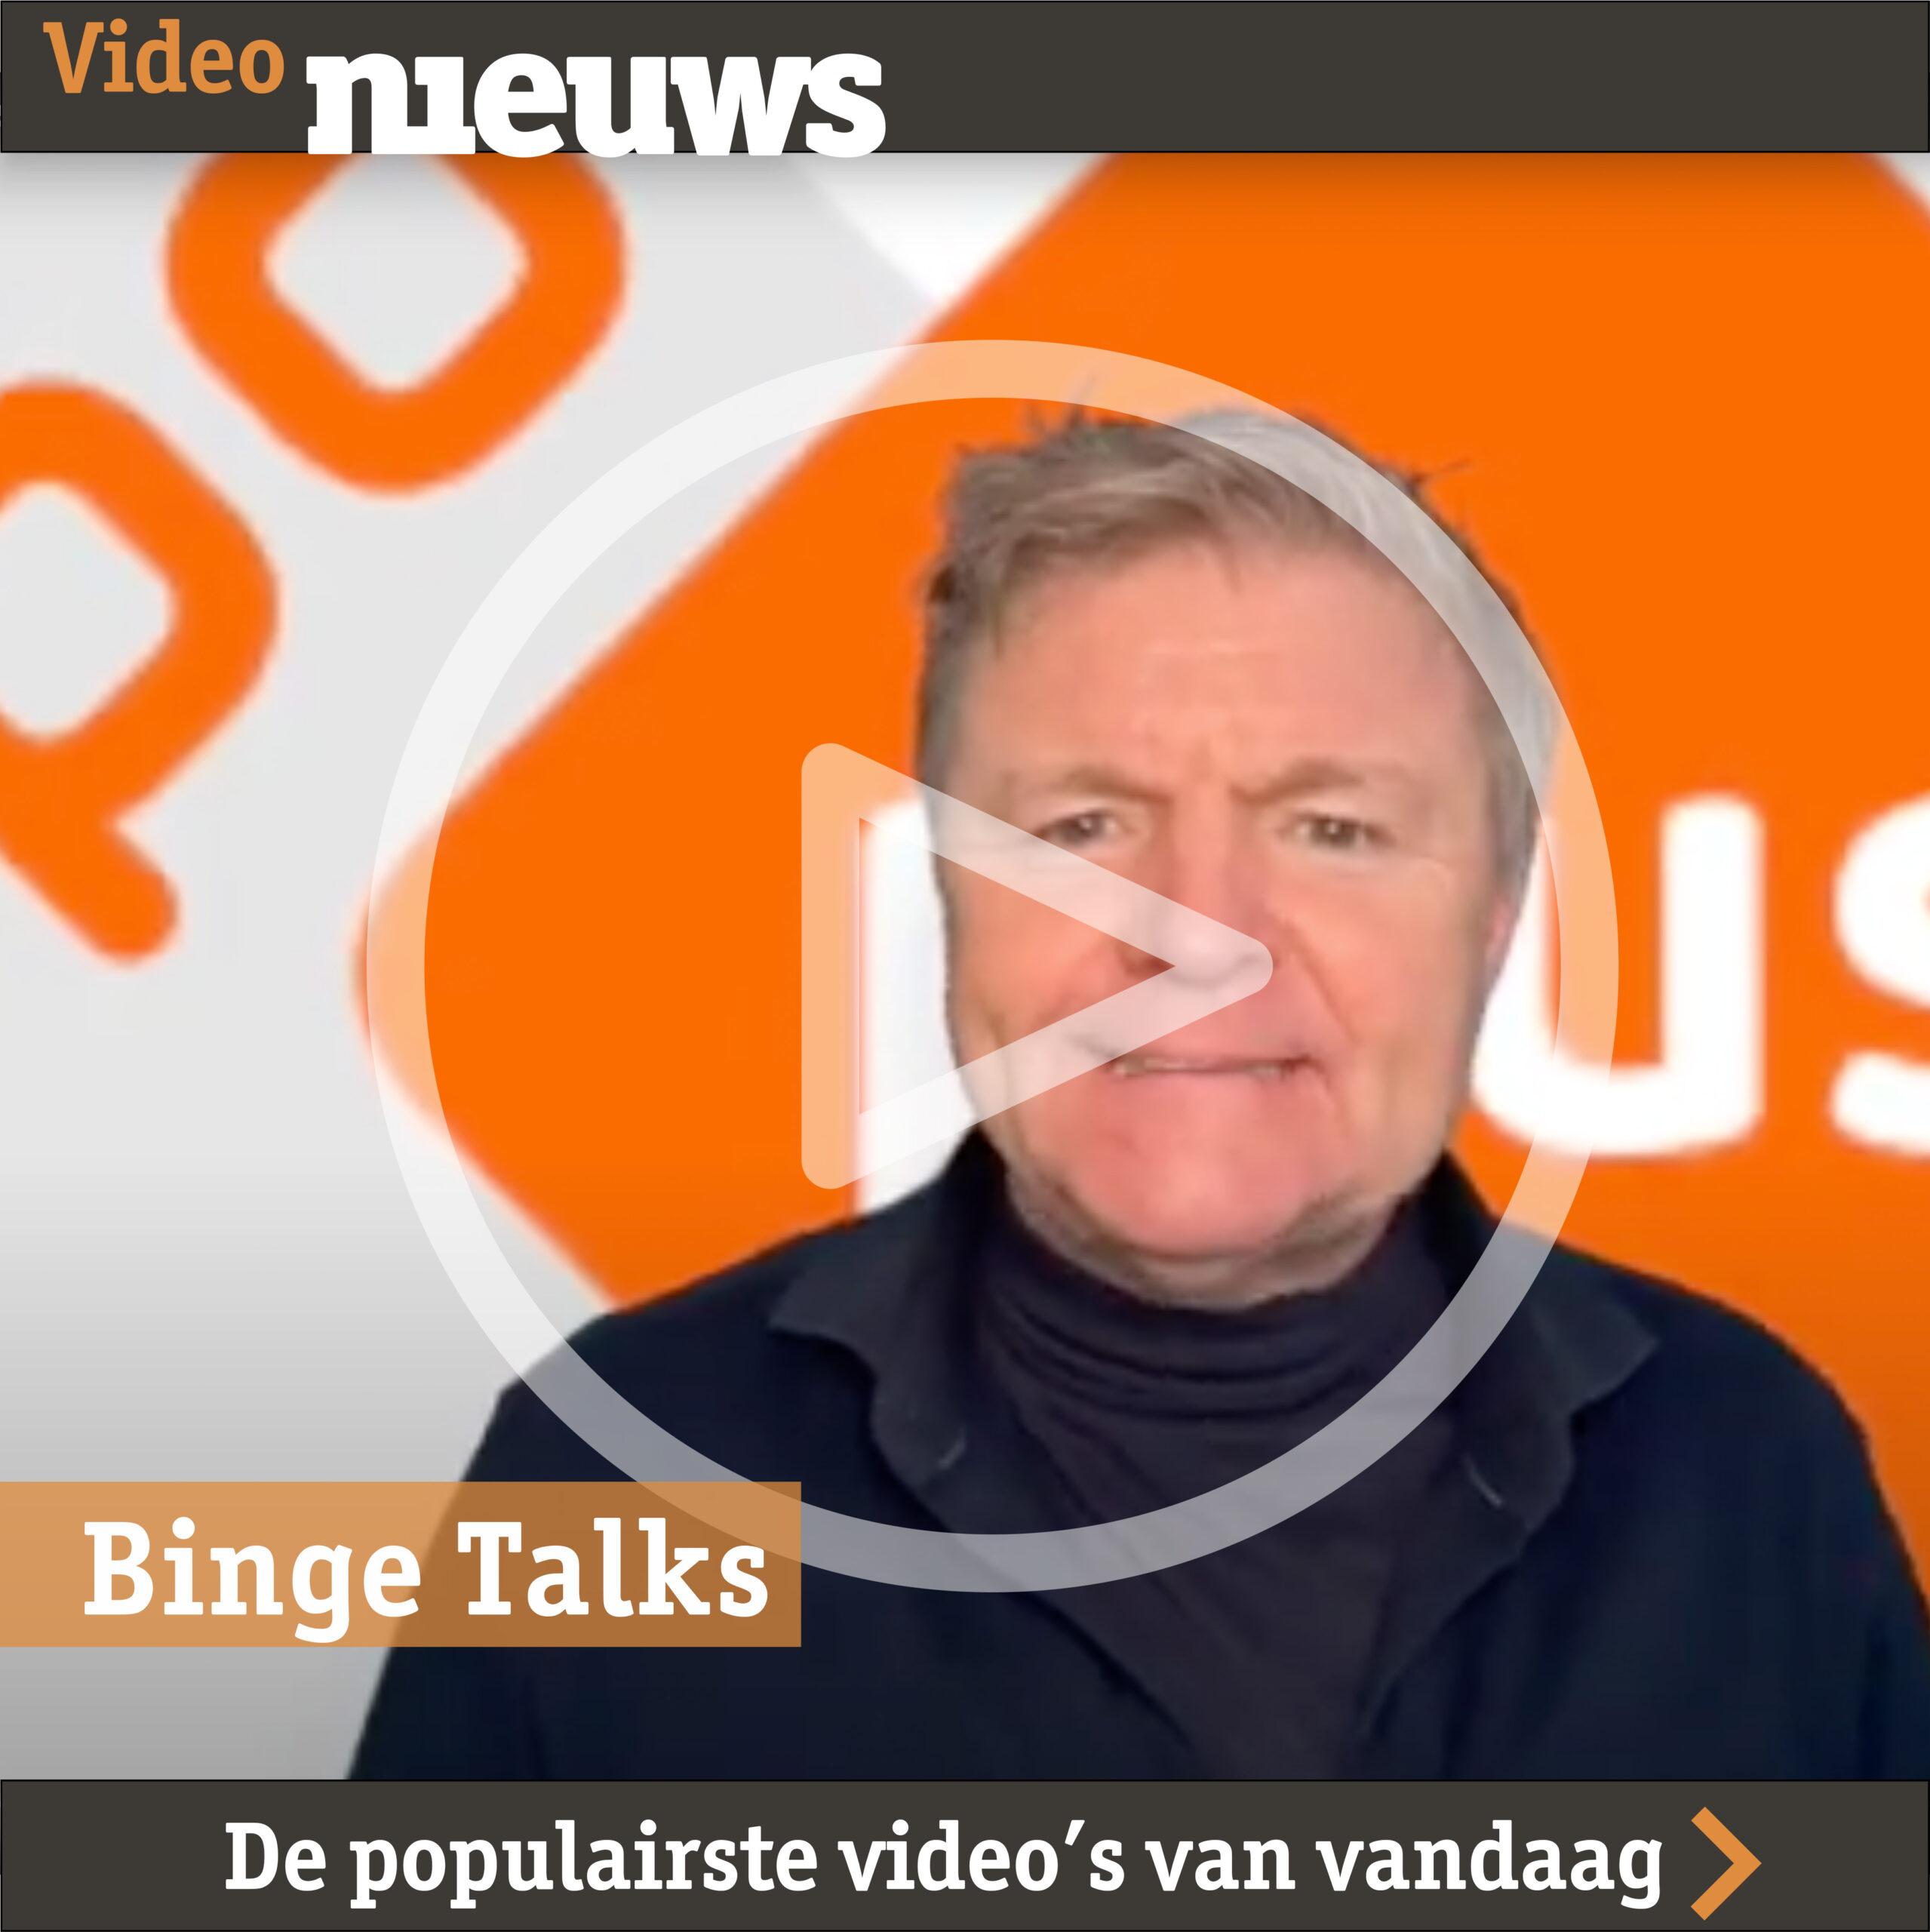 René Mioch Binge Talks Aflevering 5